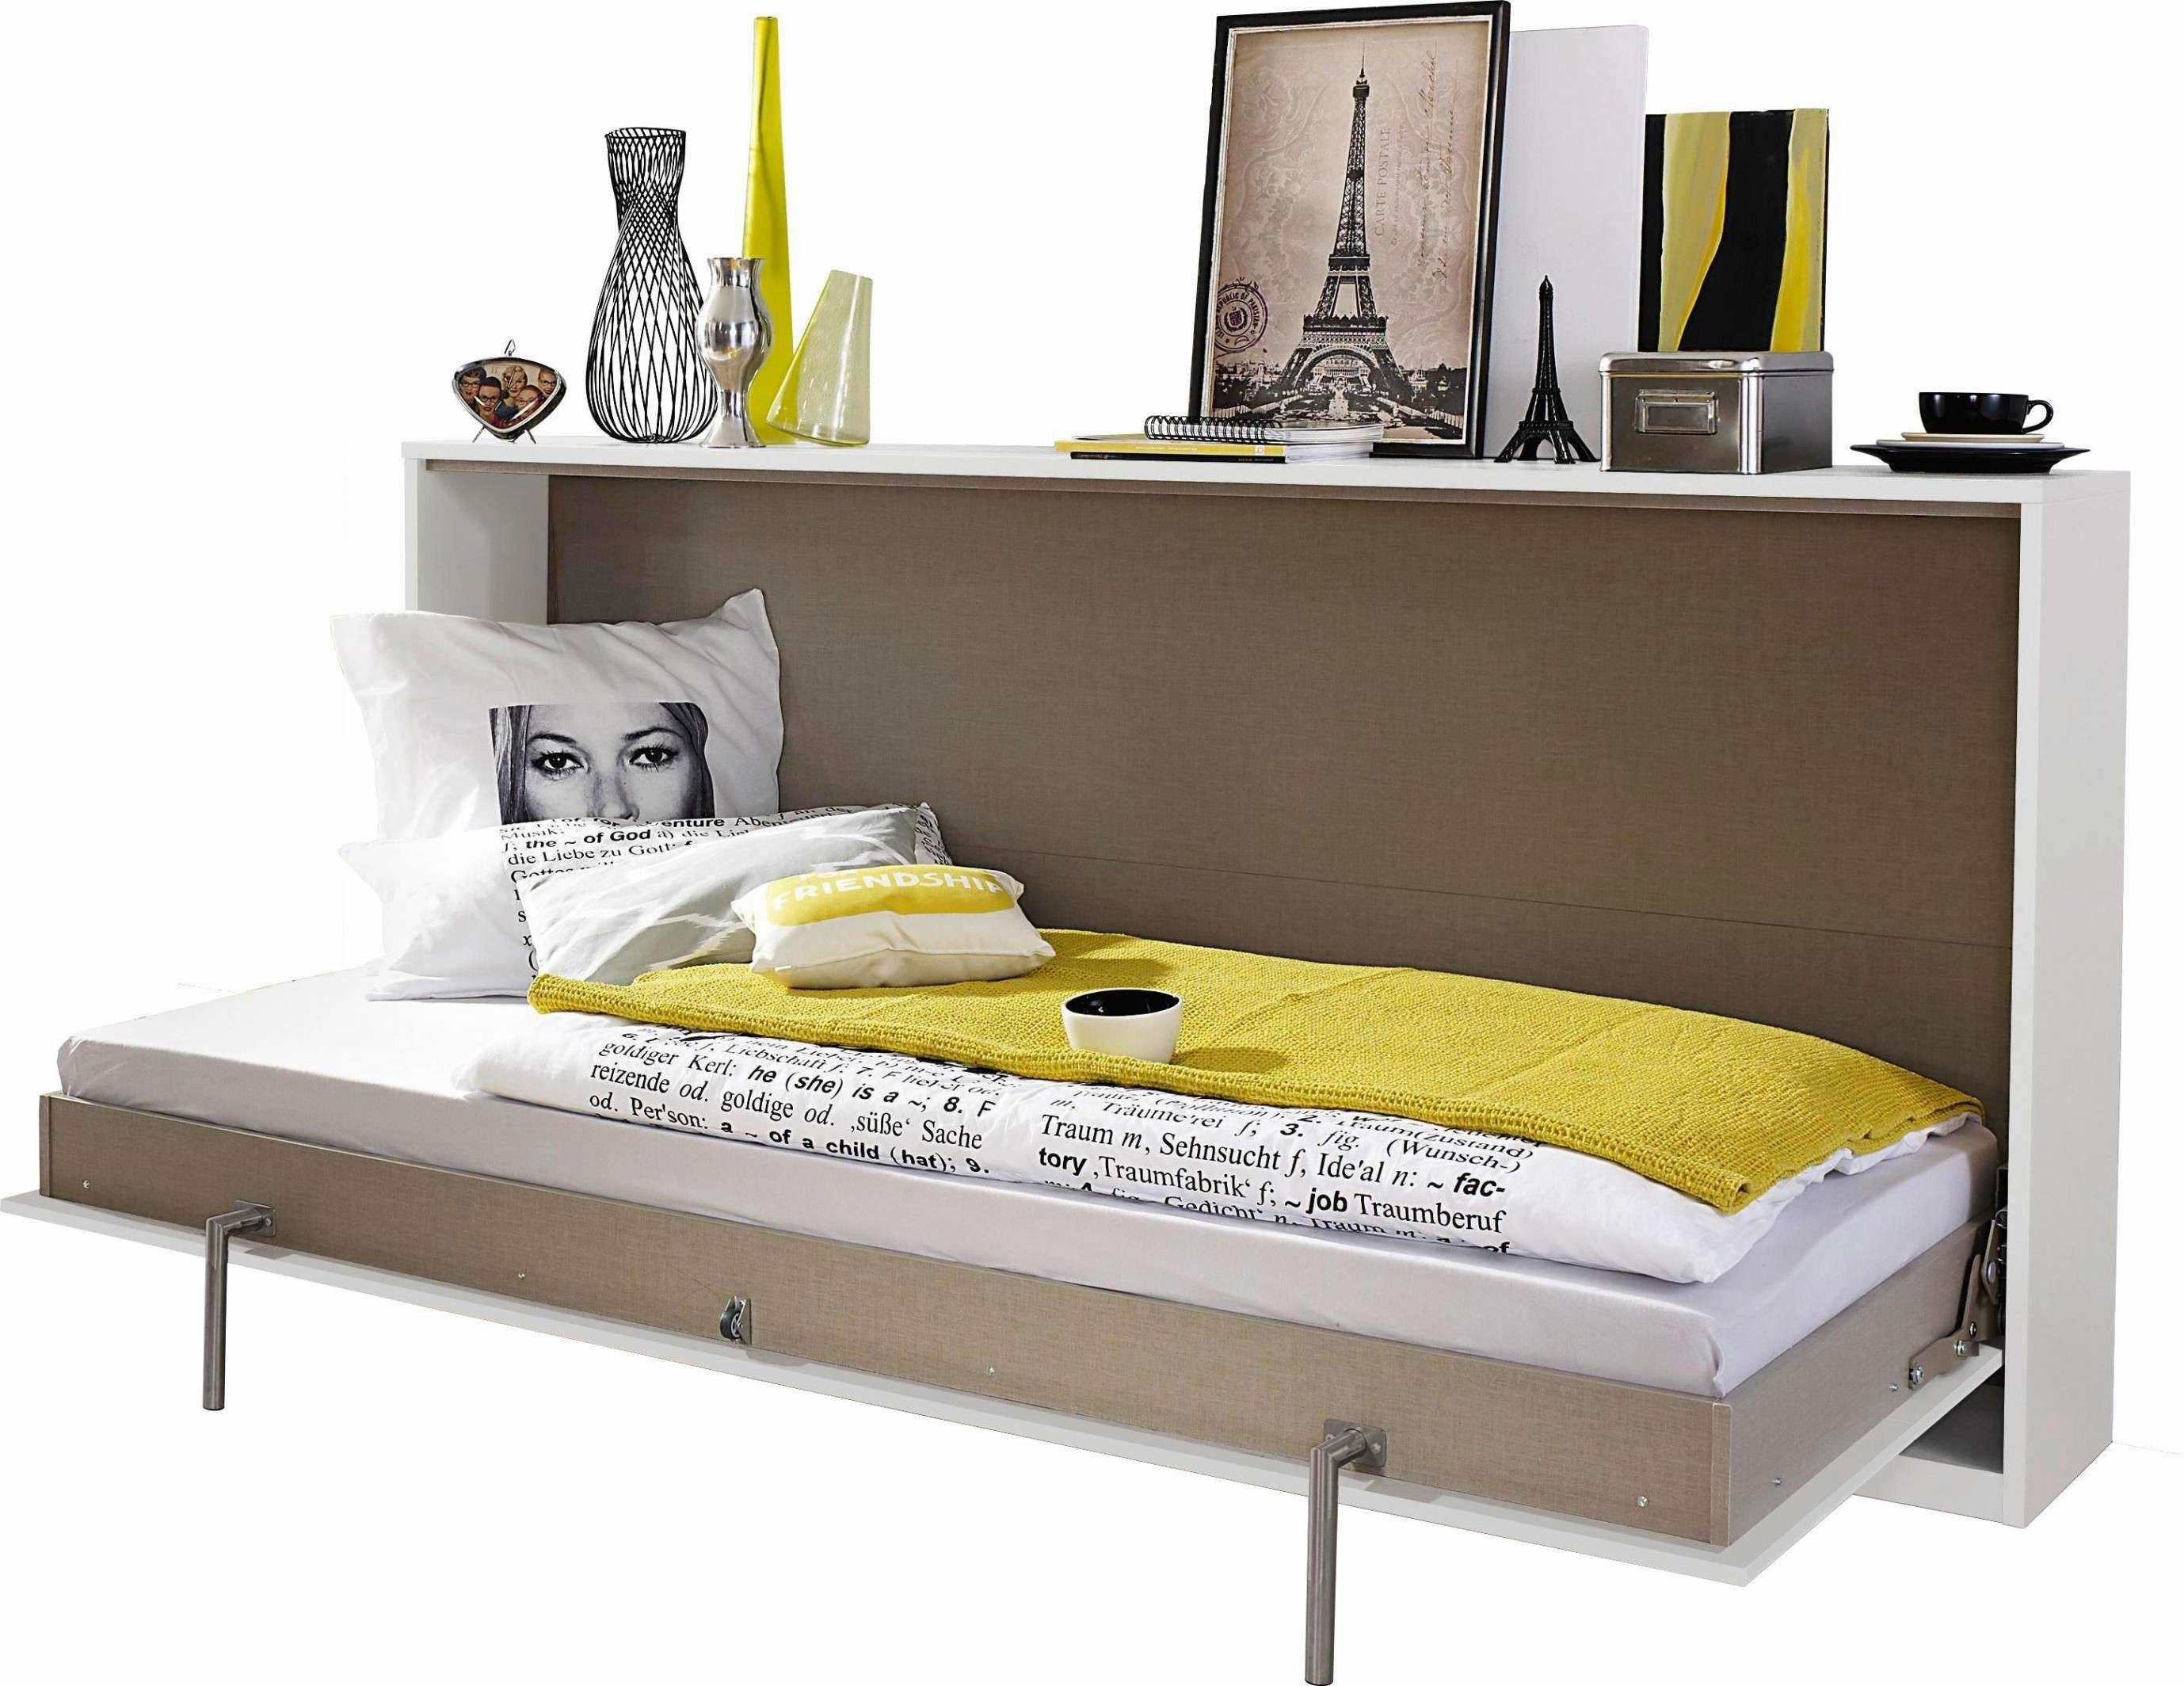 Lit De Place Nouveau Lit Ado Ikea Génial Tete De Lit Led L Gant 30 L Gant De Spot A Led